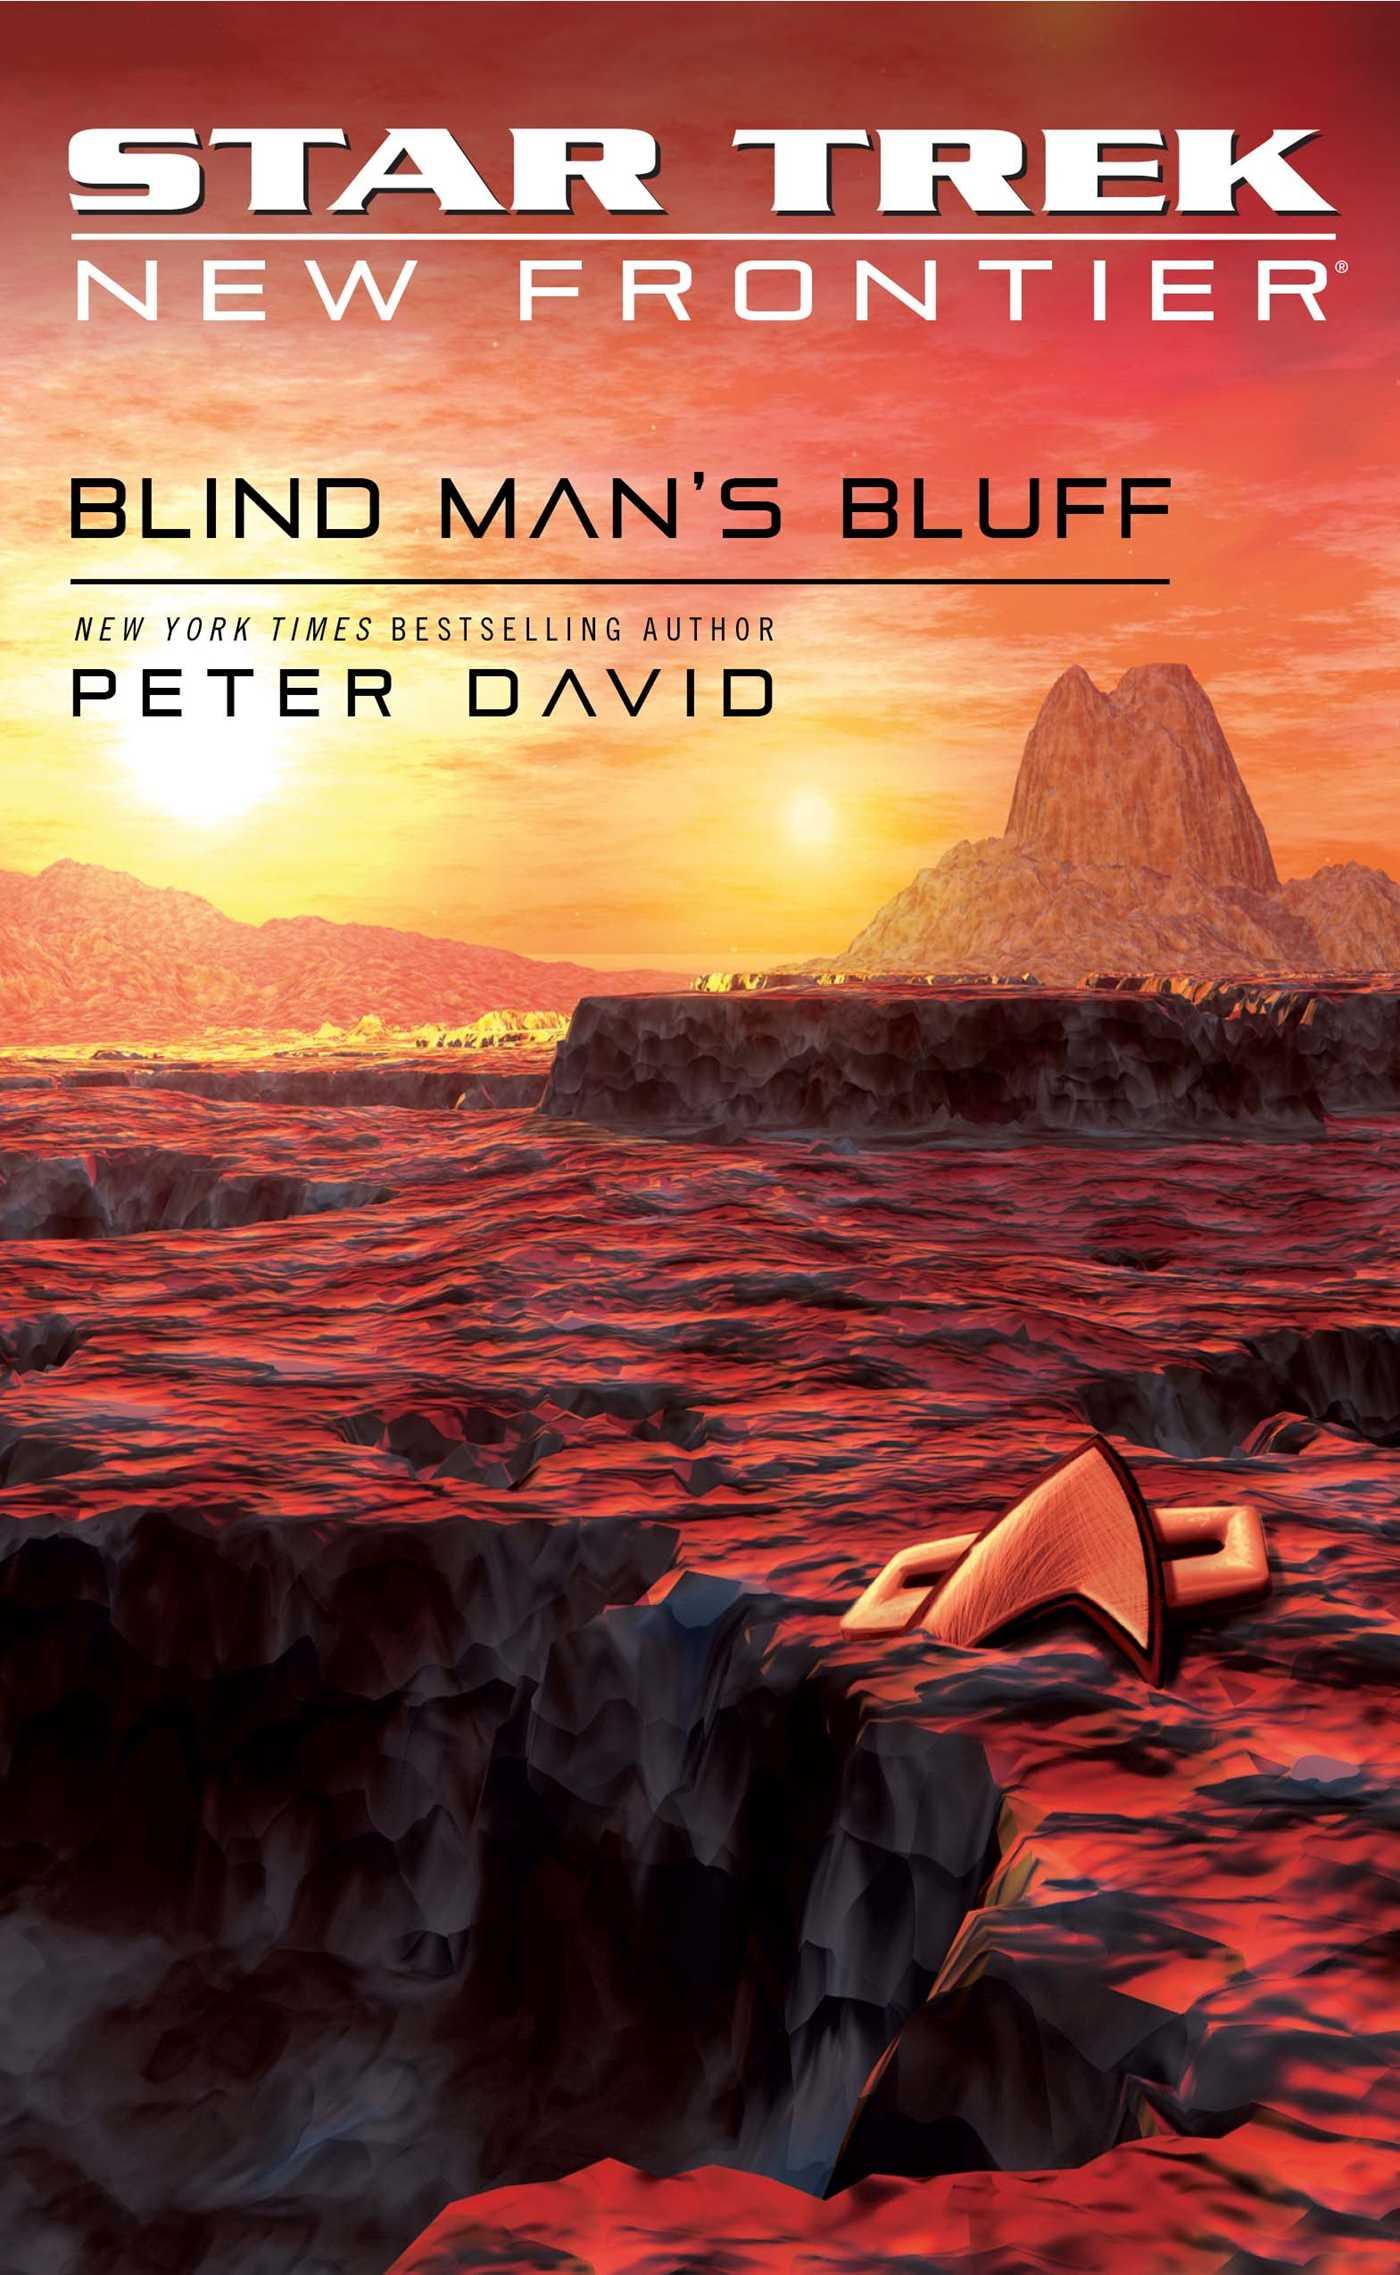 Star trek new frontier blind mans bluff 9780743429603 hr